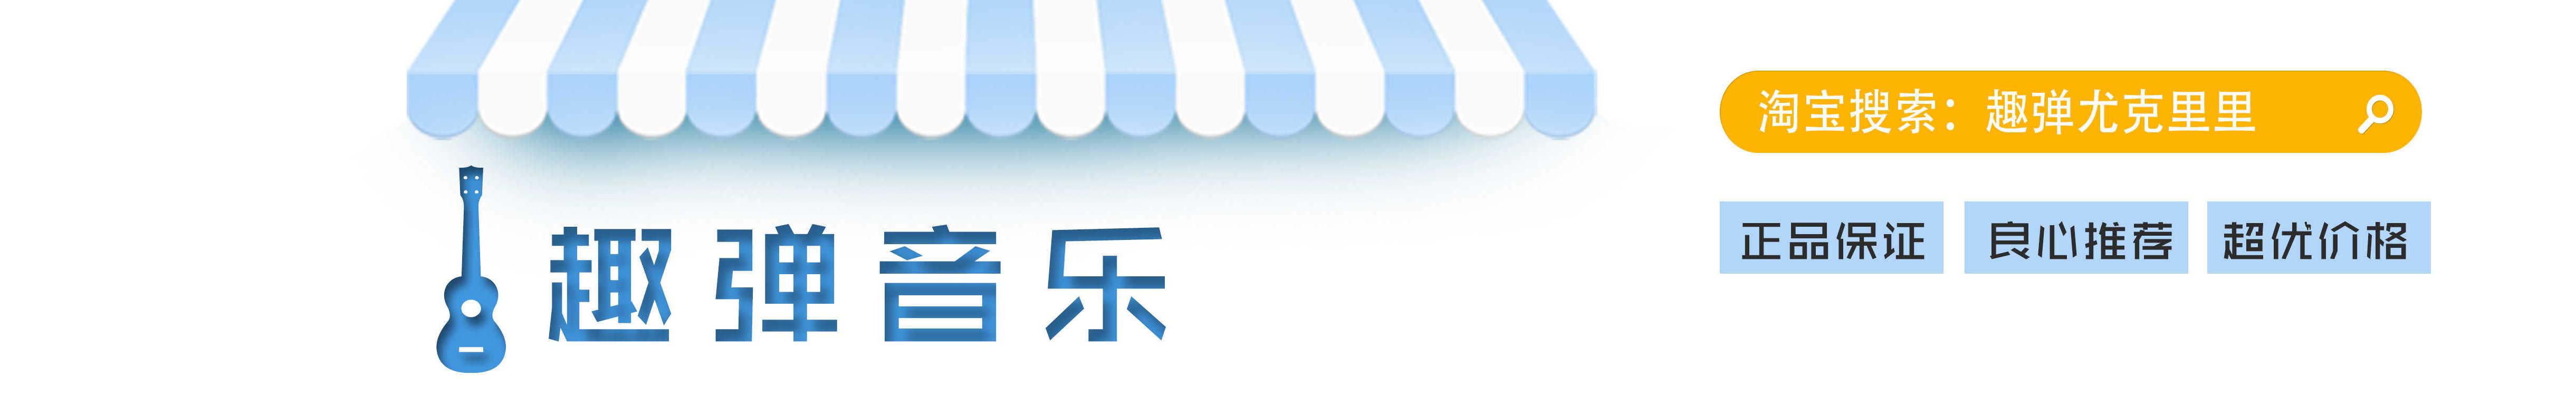 趣弹音乐 banner